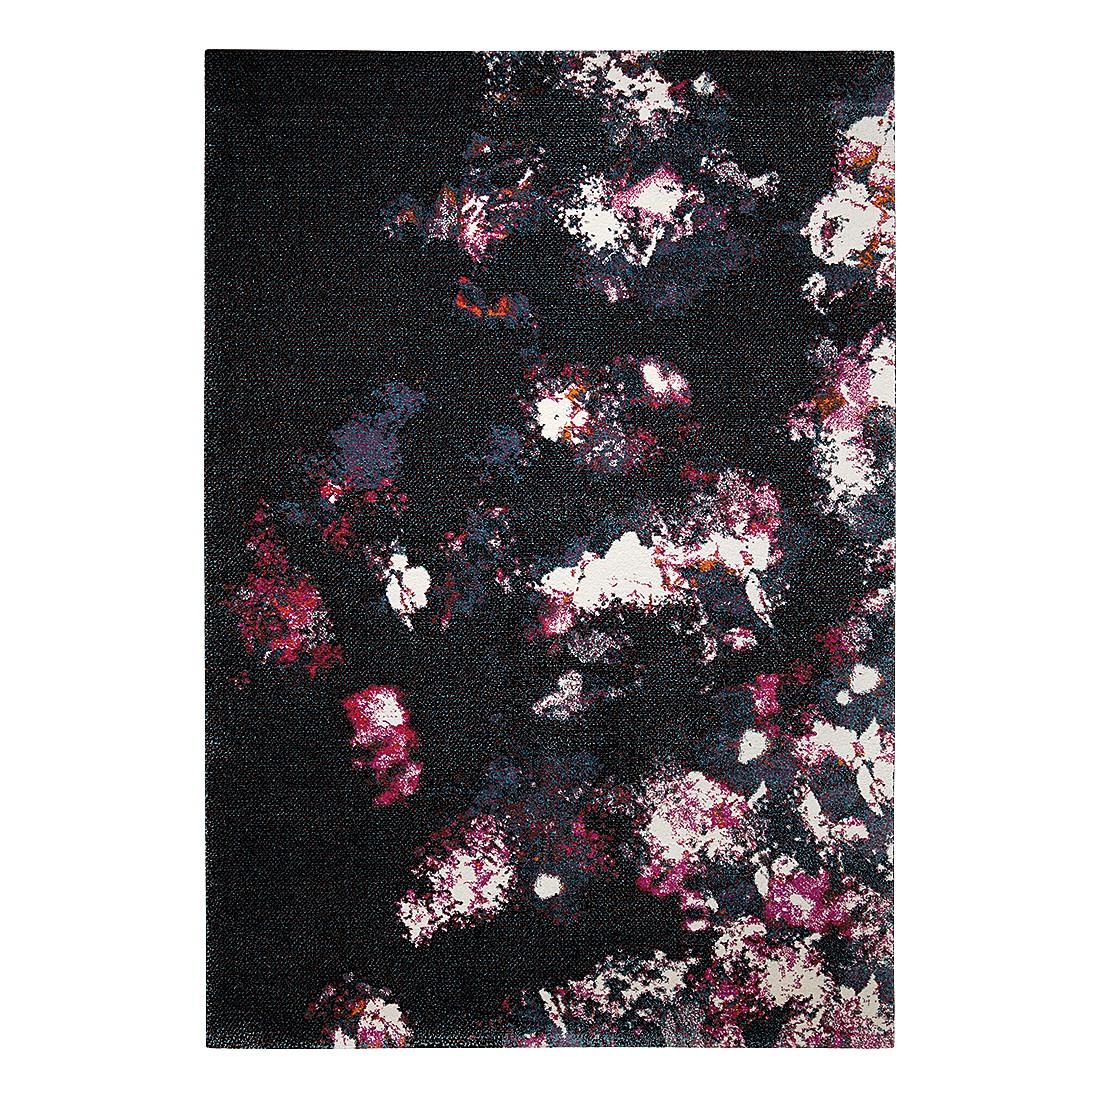 Tapijt Nocturnal Flowers - kunstvezel - meerdere kleuren - 133x200cm, Esprit Home